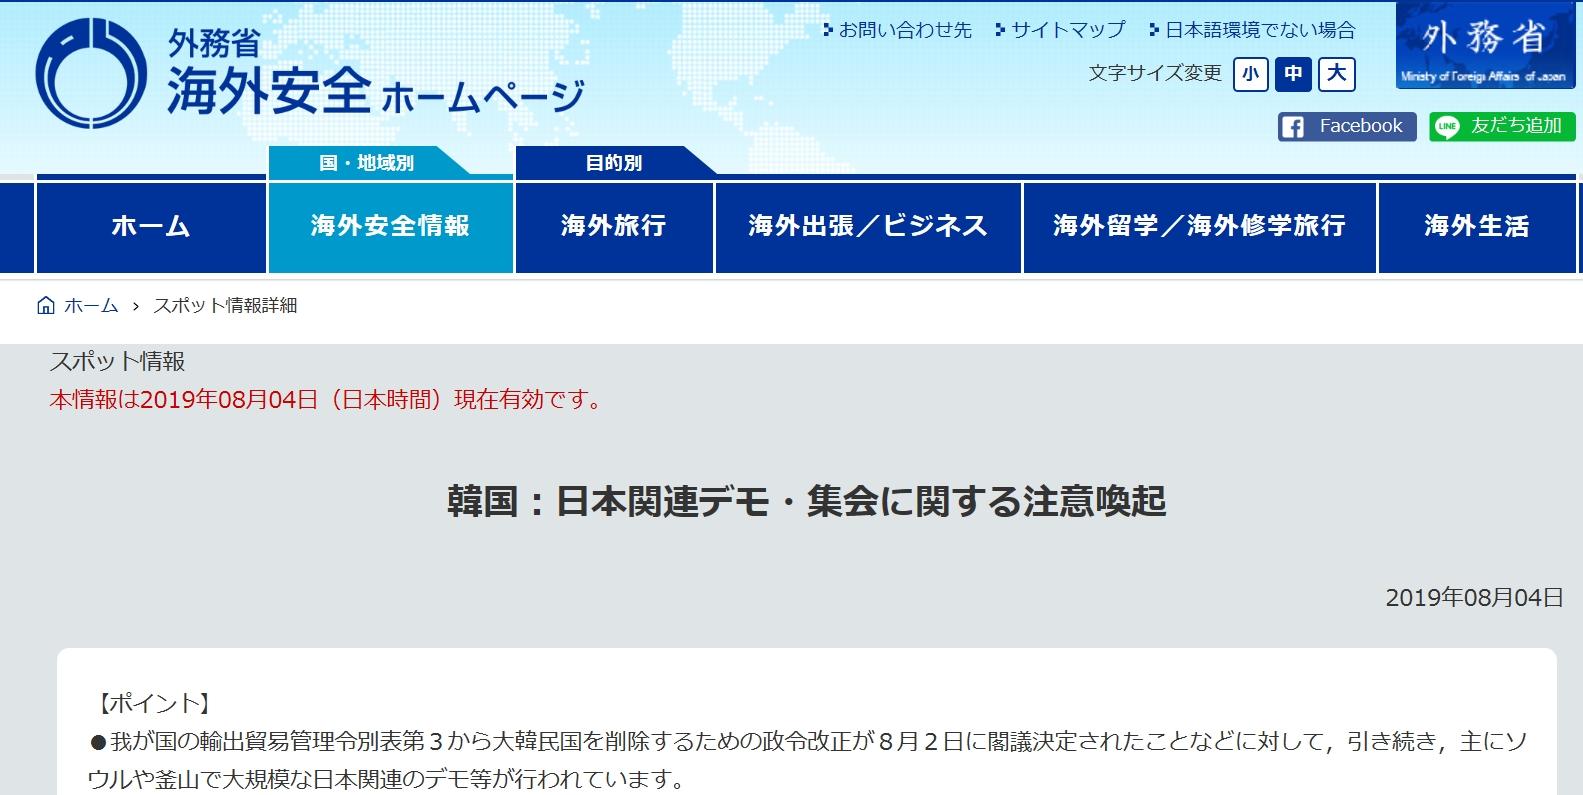 한국 여행 자국민에 주의를 당부하는 '스폿 정보'를 게시한 일본 외무성 홈페이지 캡처